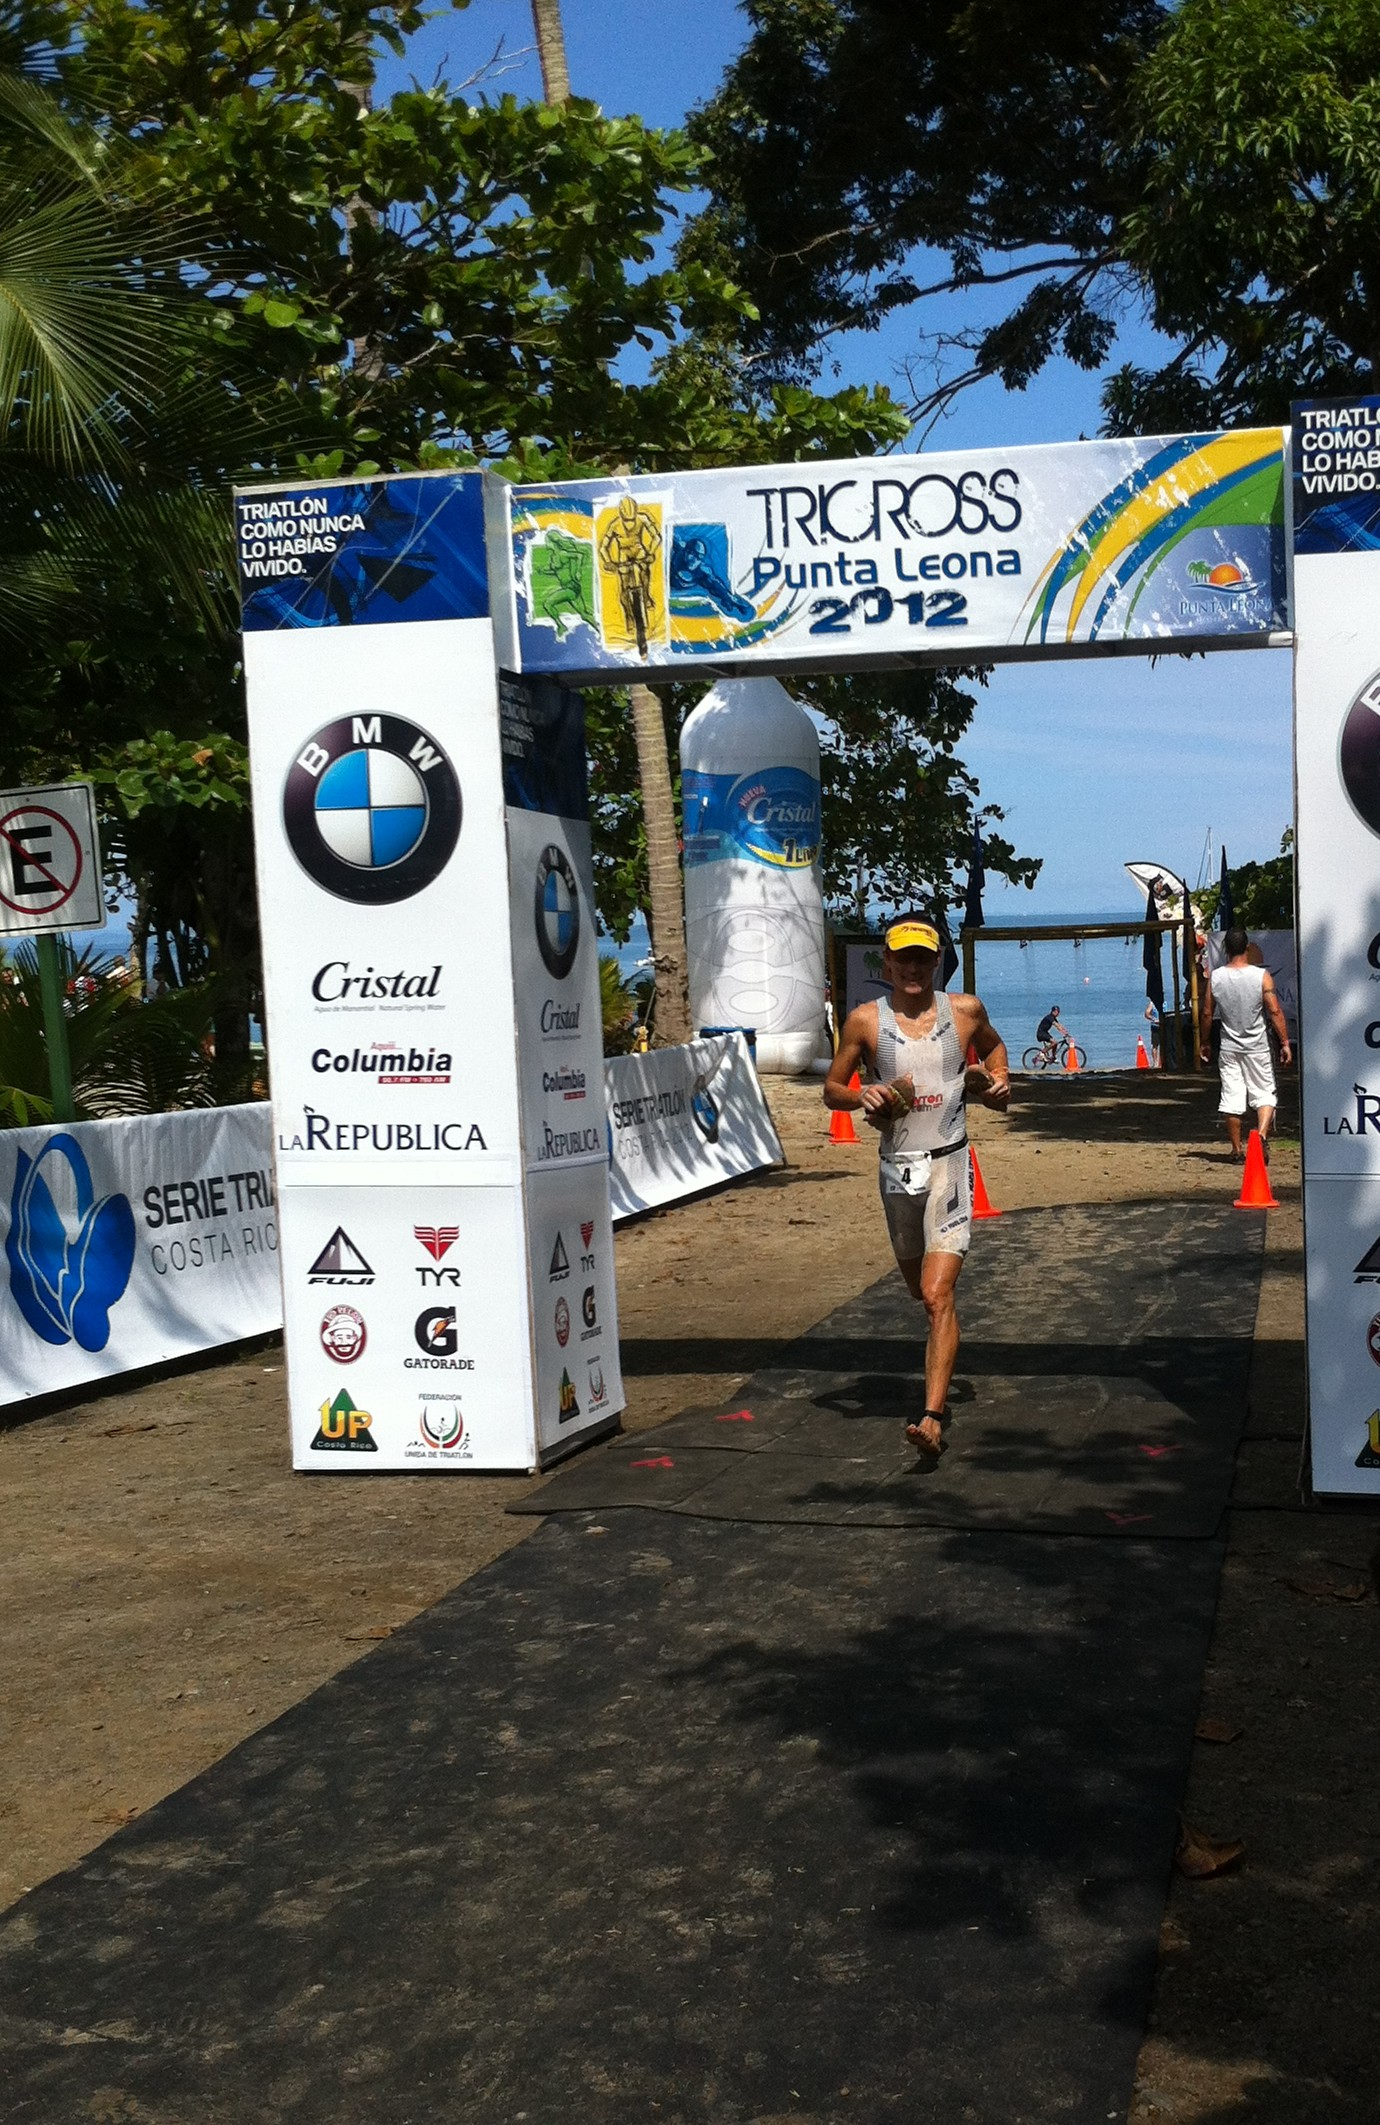 El Triatlón Cross llegó a Punta Leona.